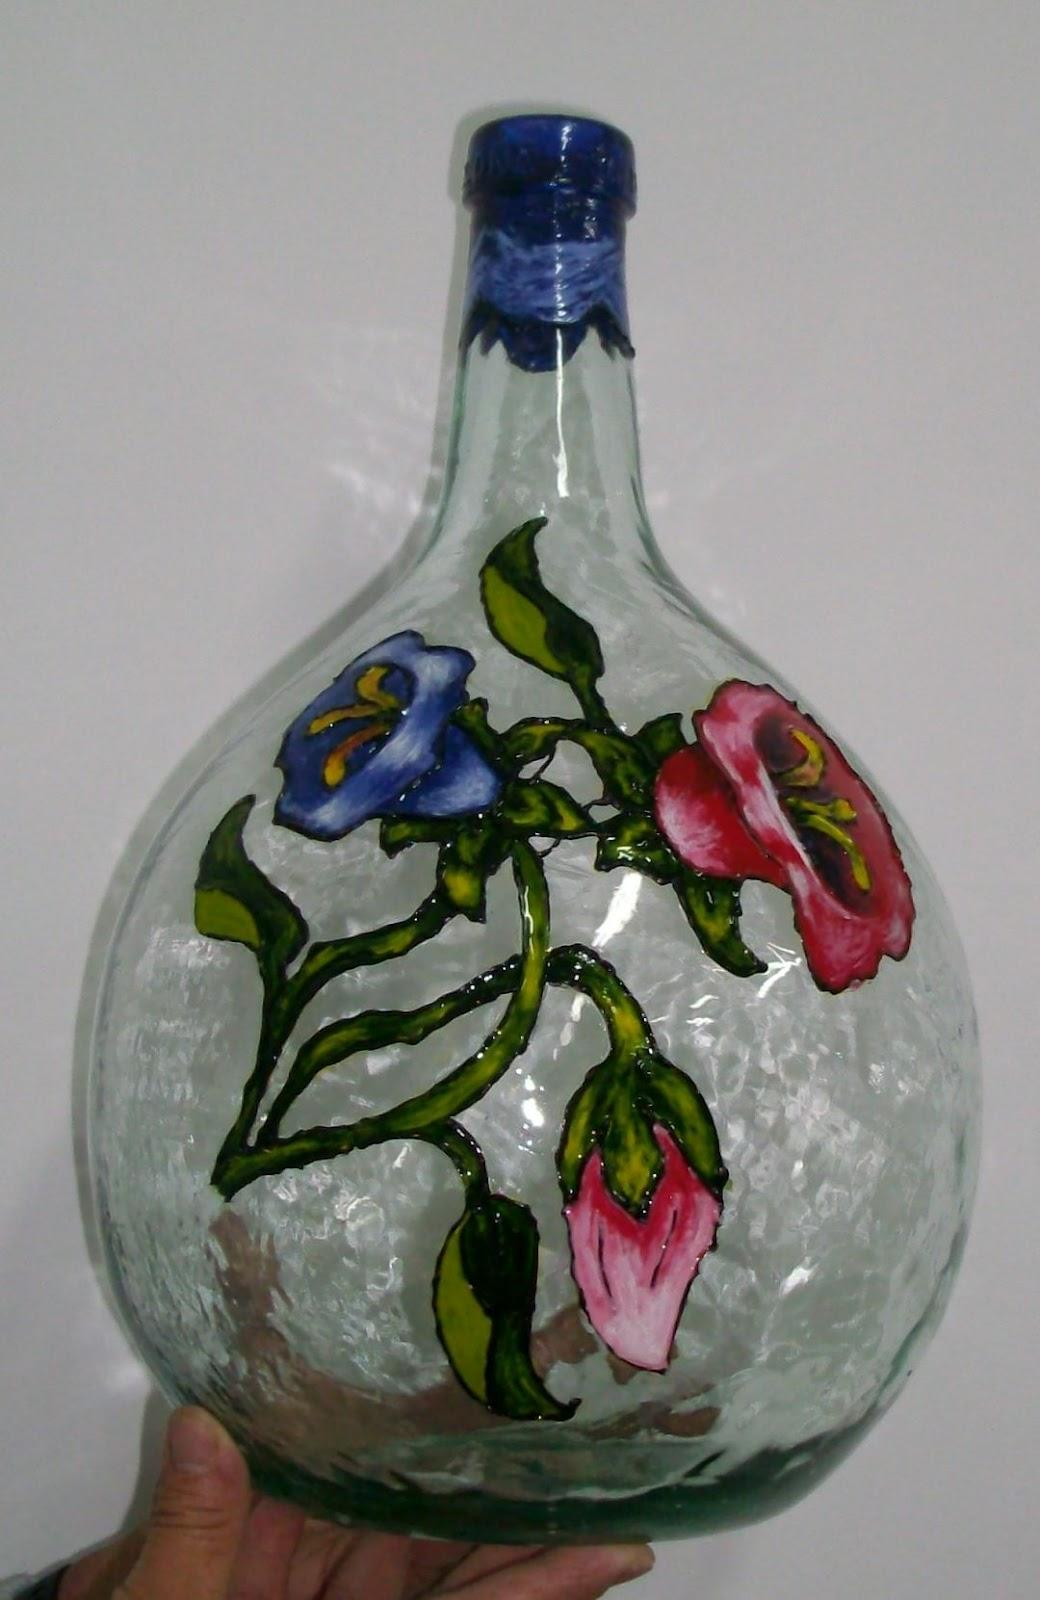 Orecunchodalola garrafas y botellas de cristal decoradas - Botellas de cristal decoradas ...